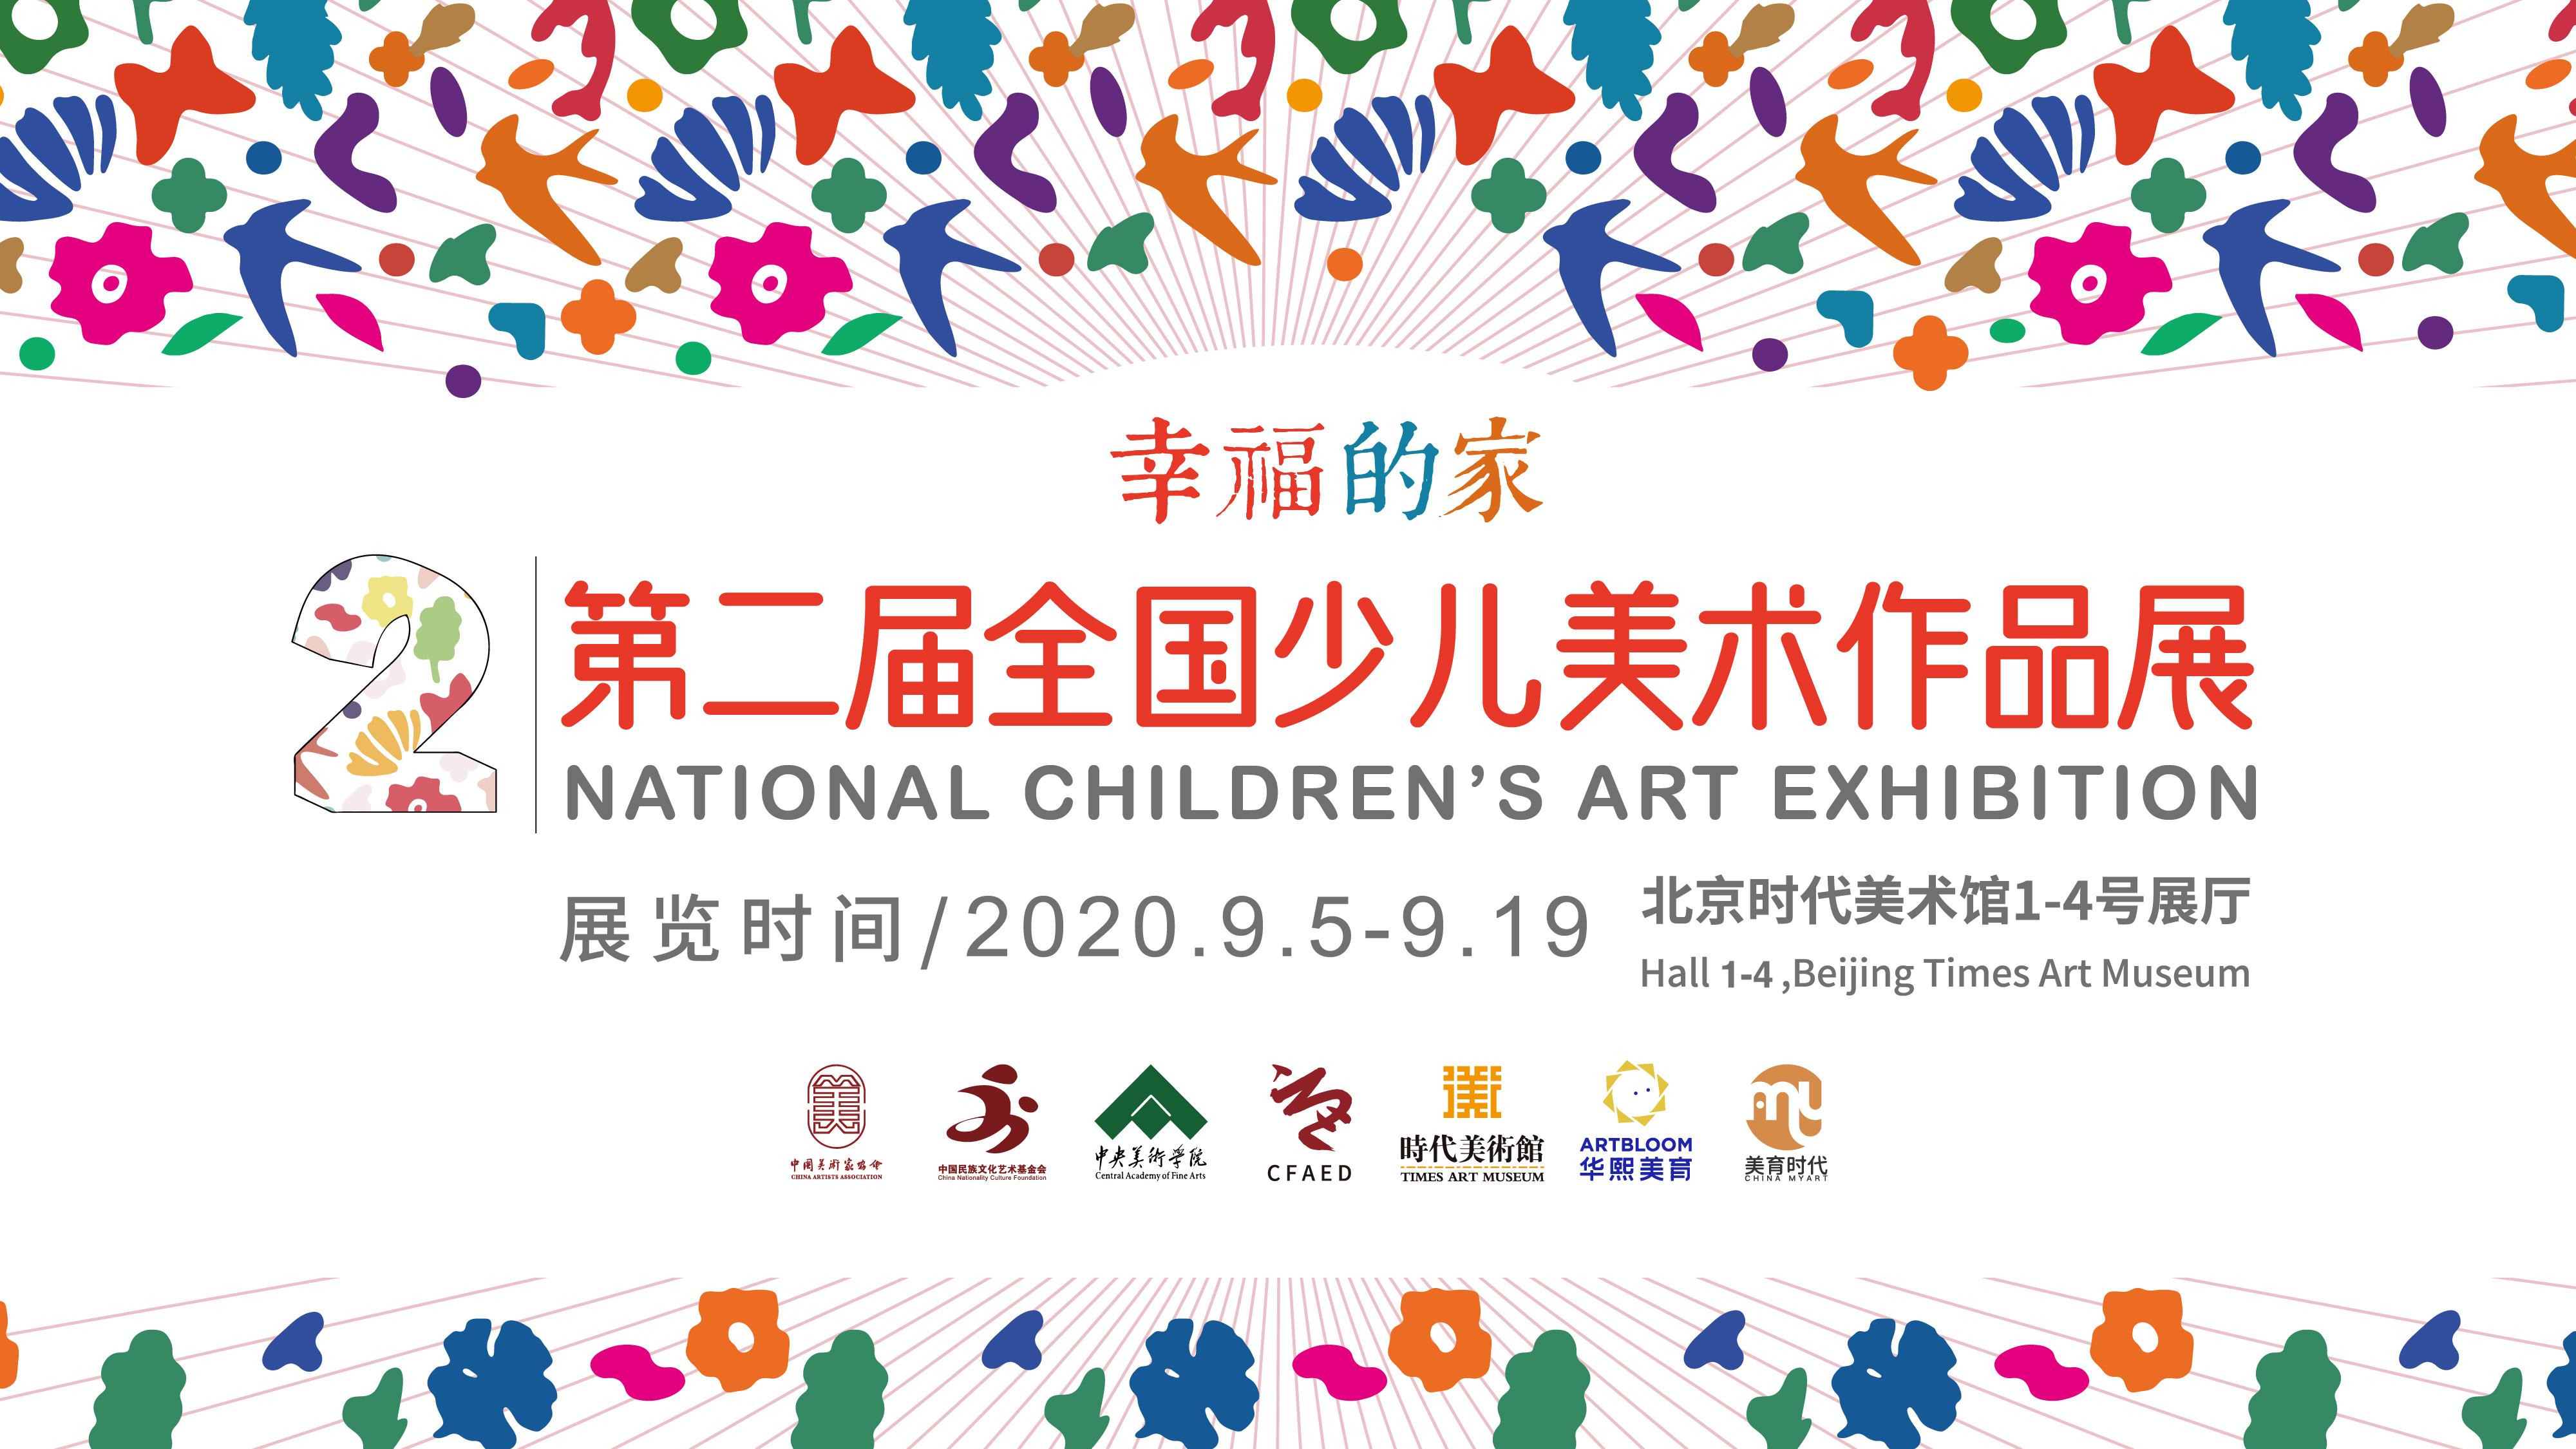 第二屆全國少兒美展9月5日開展